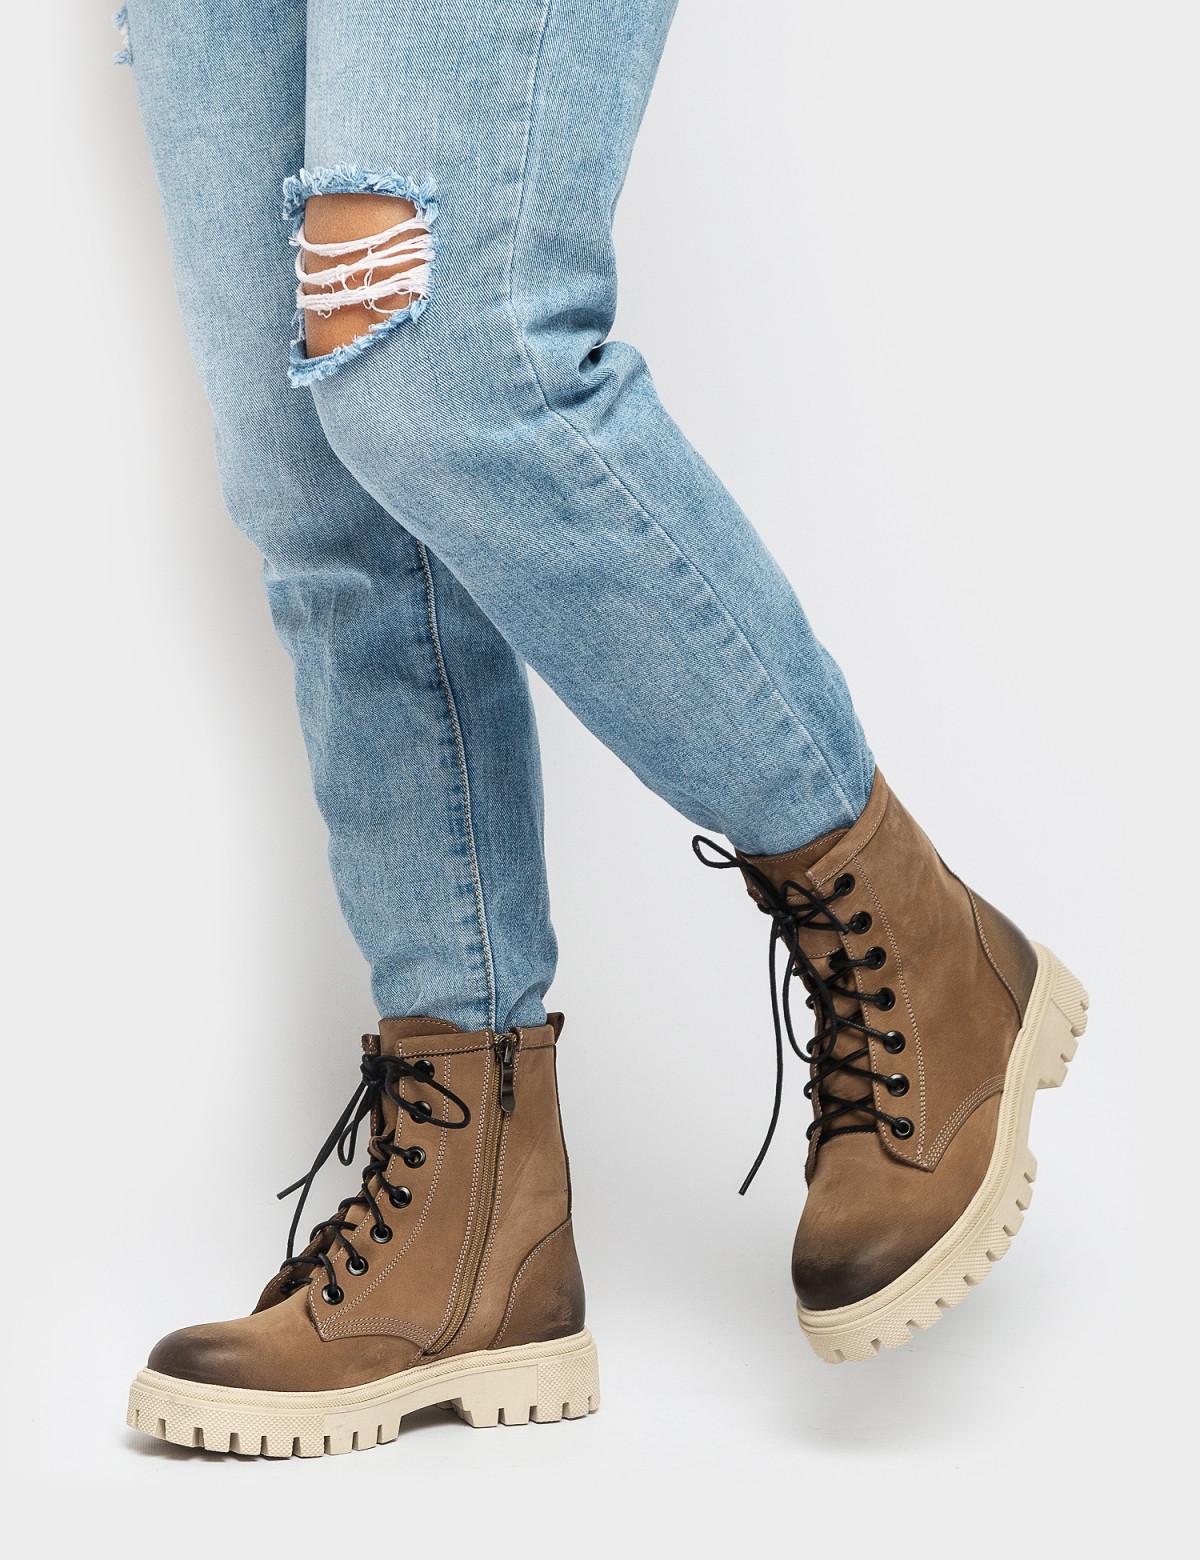 Ботинки бежевые. Натуральный нубук. Байка4